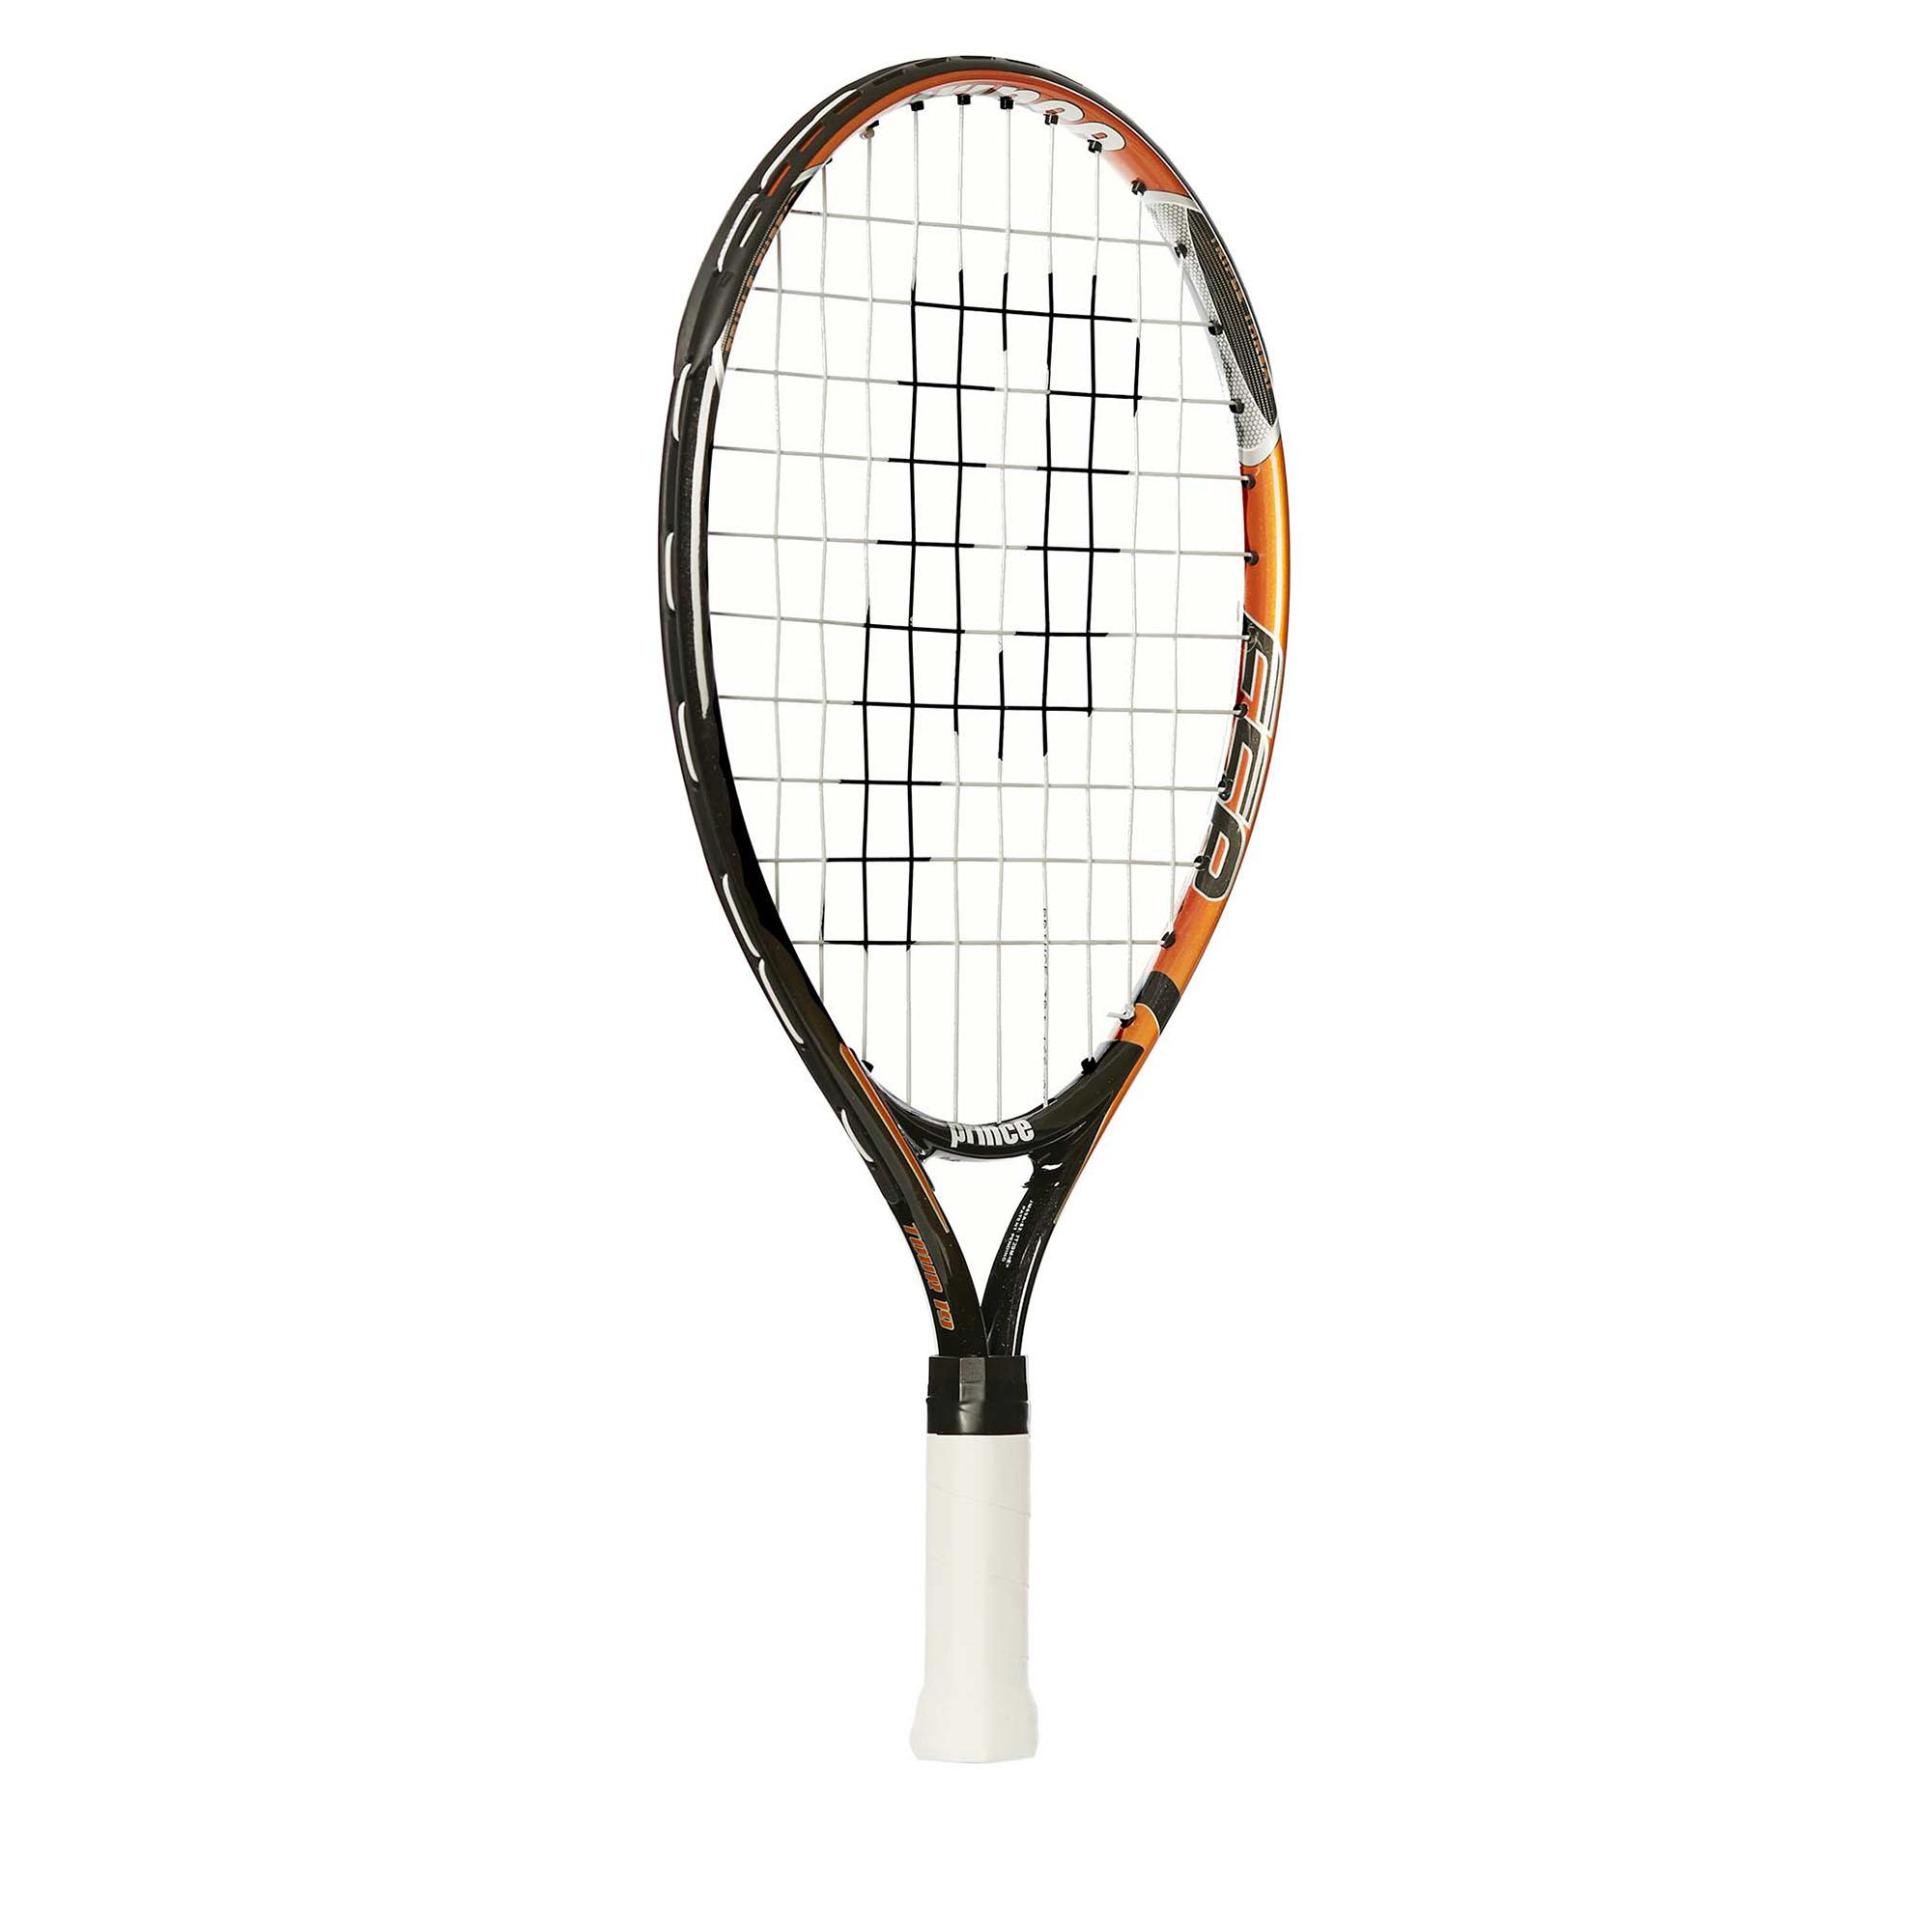 Prince Titanium Tour 19 Junior Tennis Racket